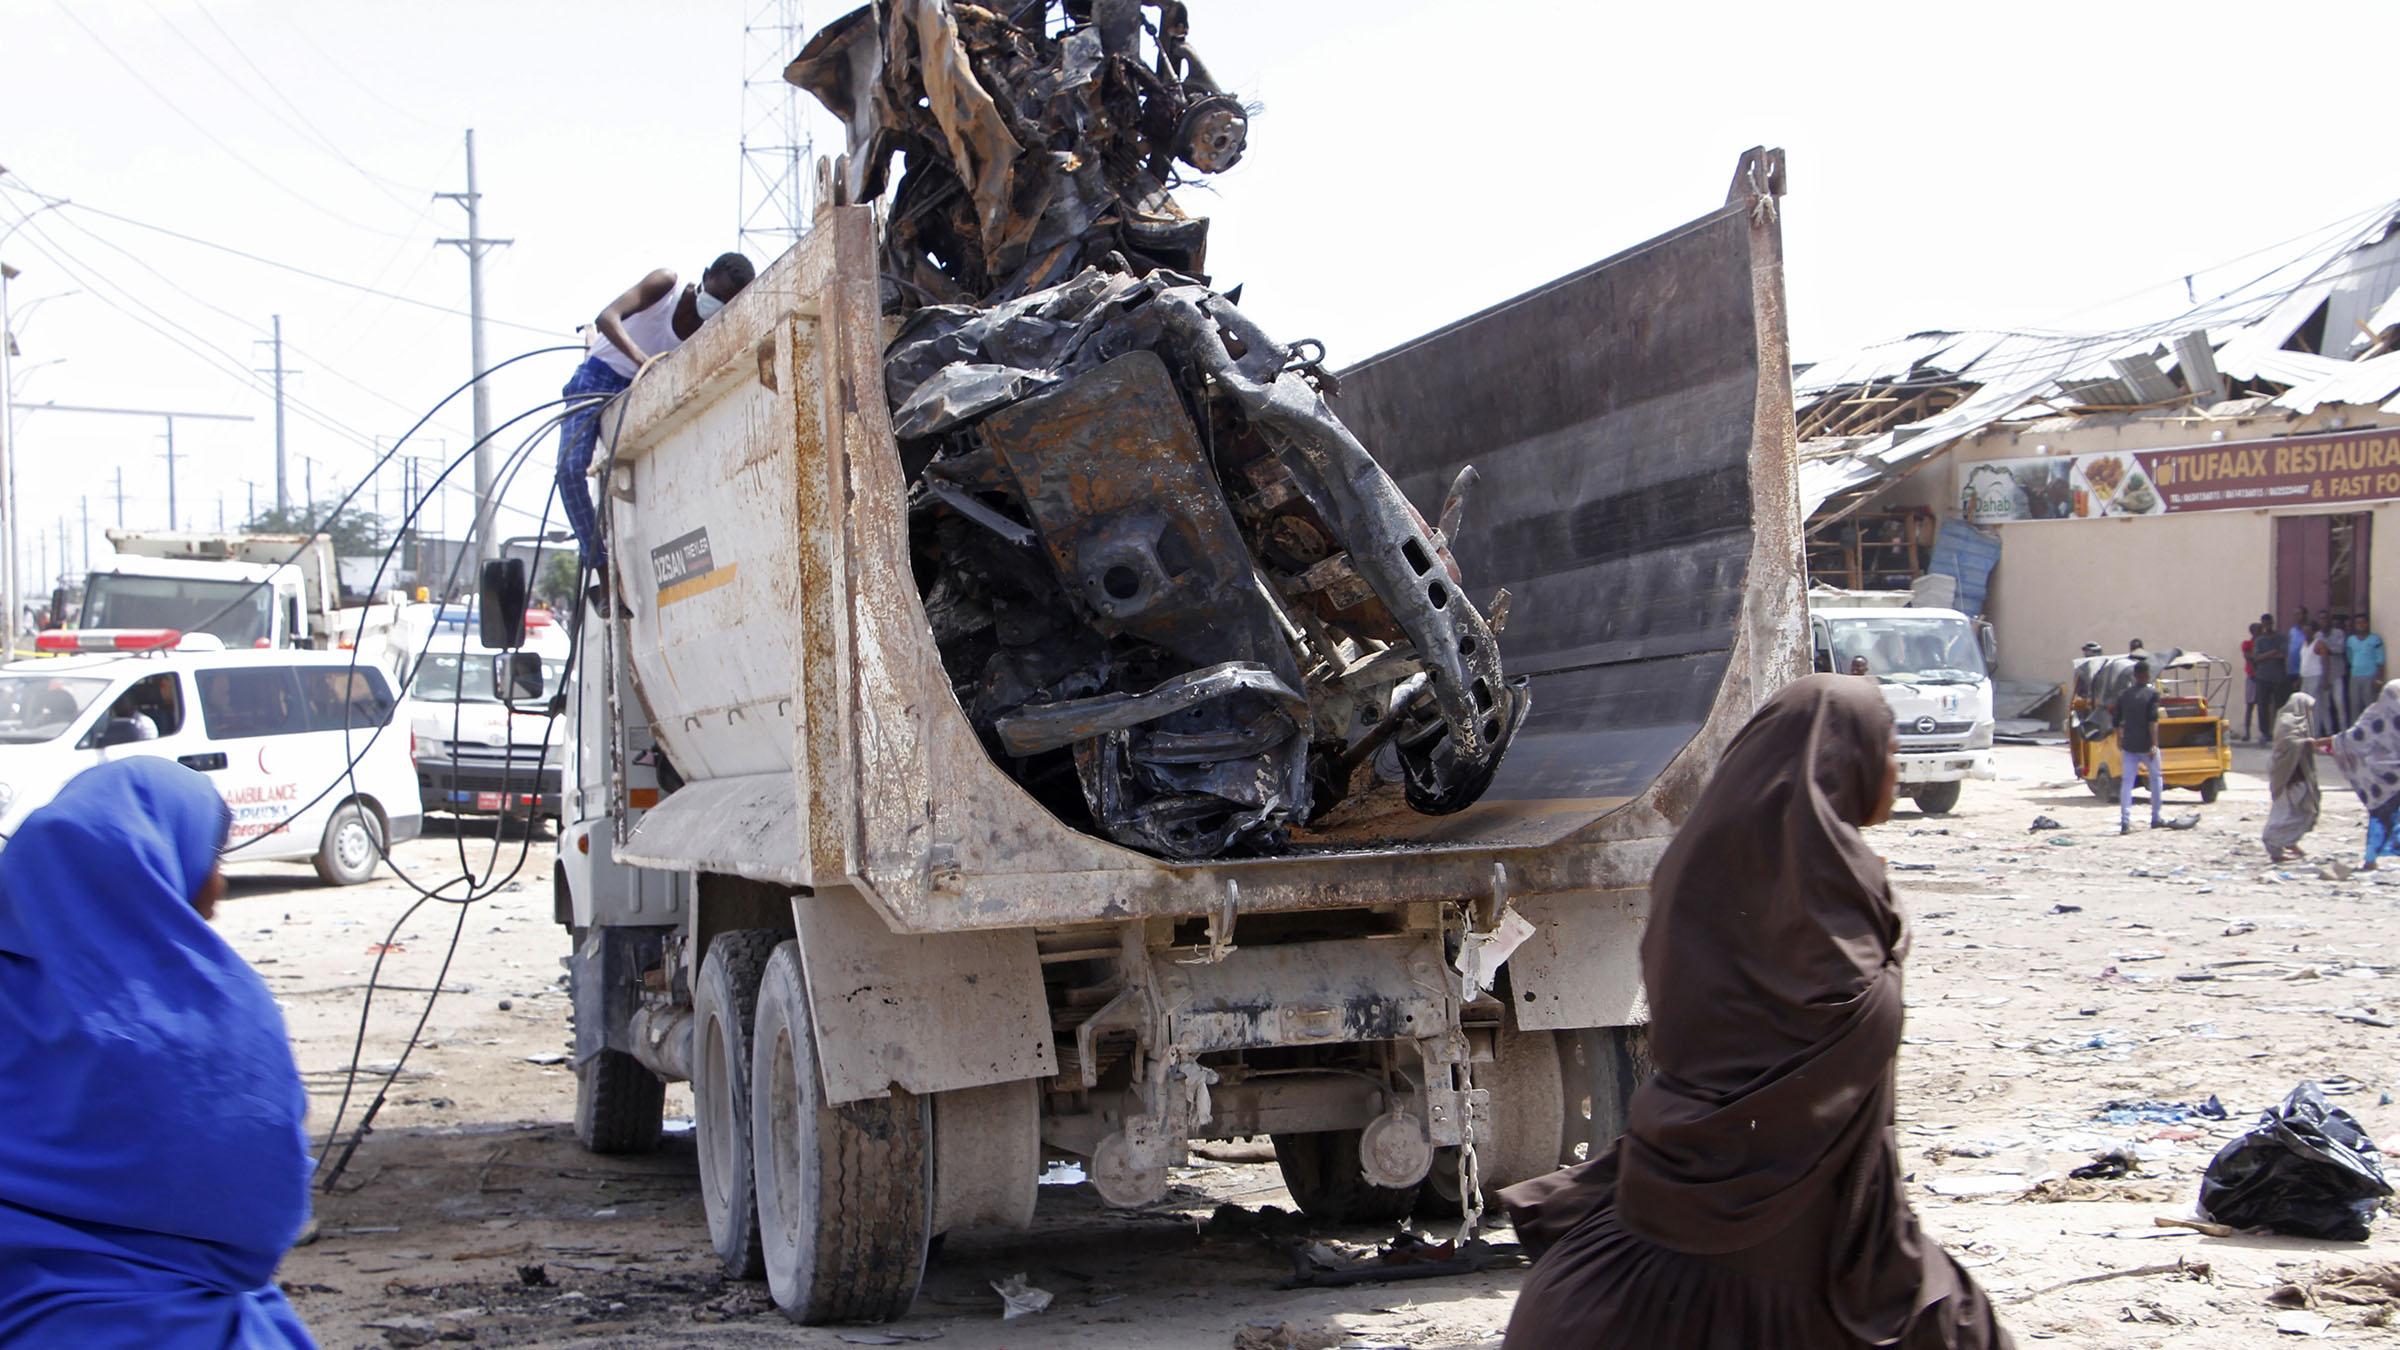 Truck bomb in Somalia kills at least 79